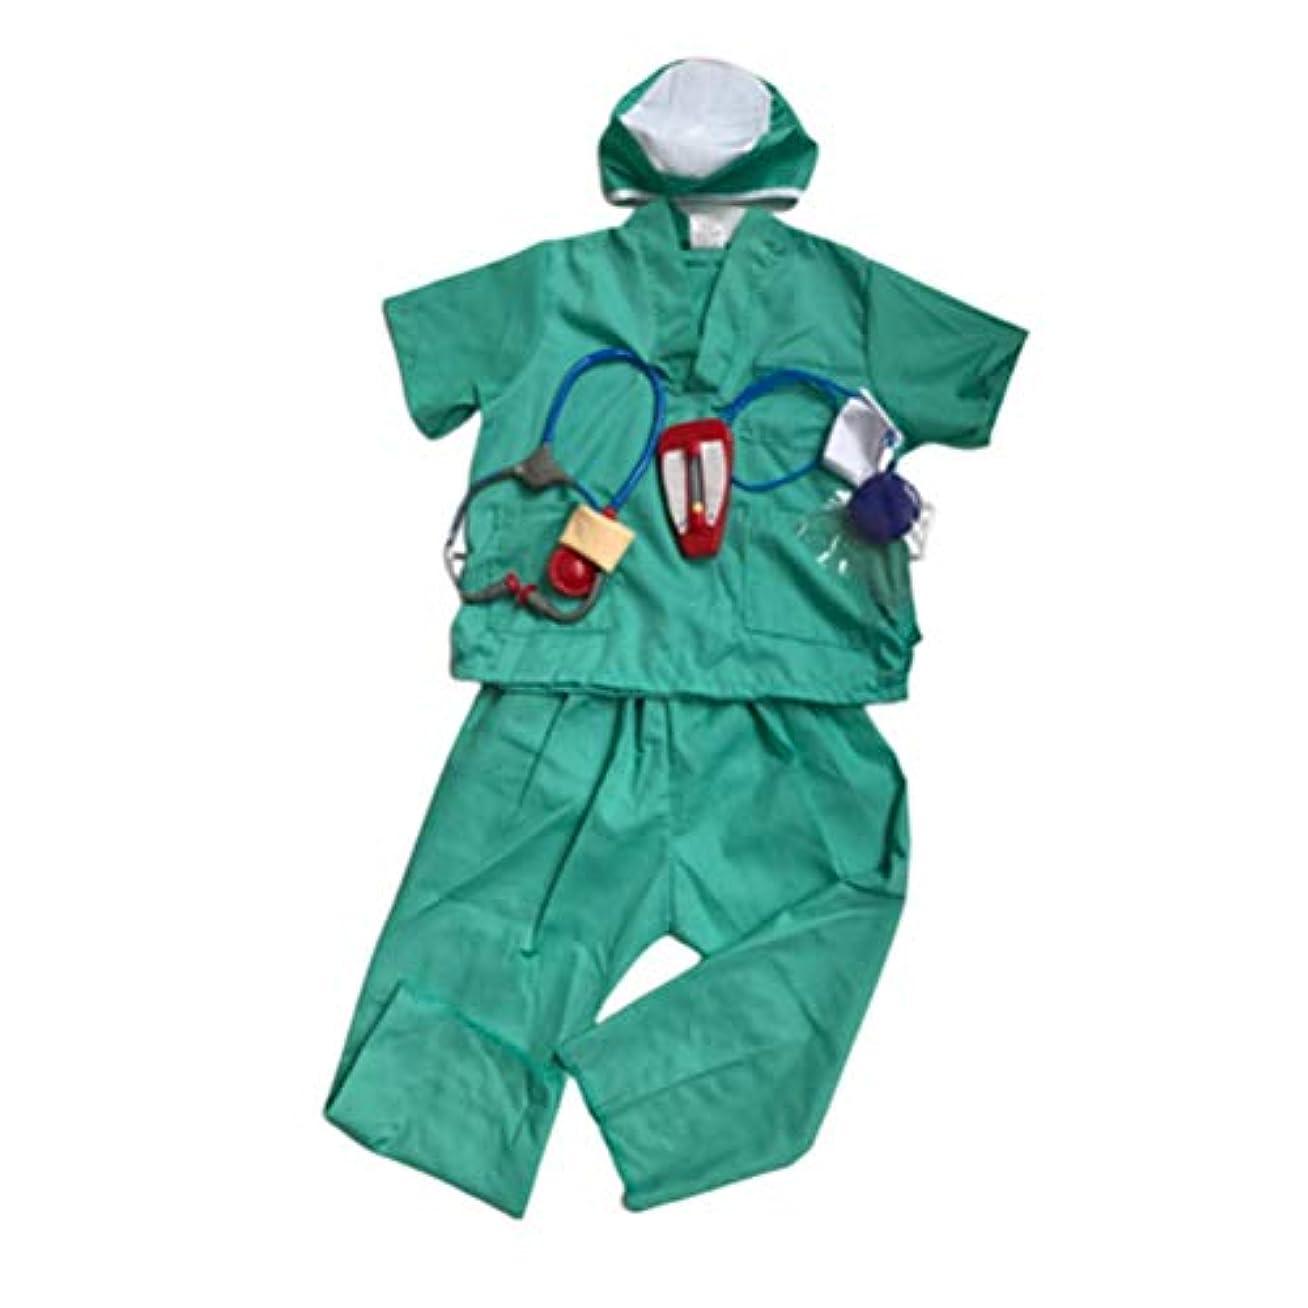 固有の横たわるゲストAmosfunドクターユニフォーム子供のための子供手術ガウンコスプレ衣装ロールプレイ衣装ハロウィン仮装パーティー